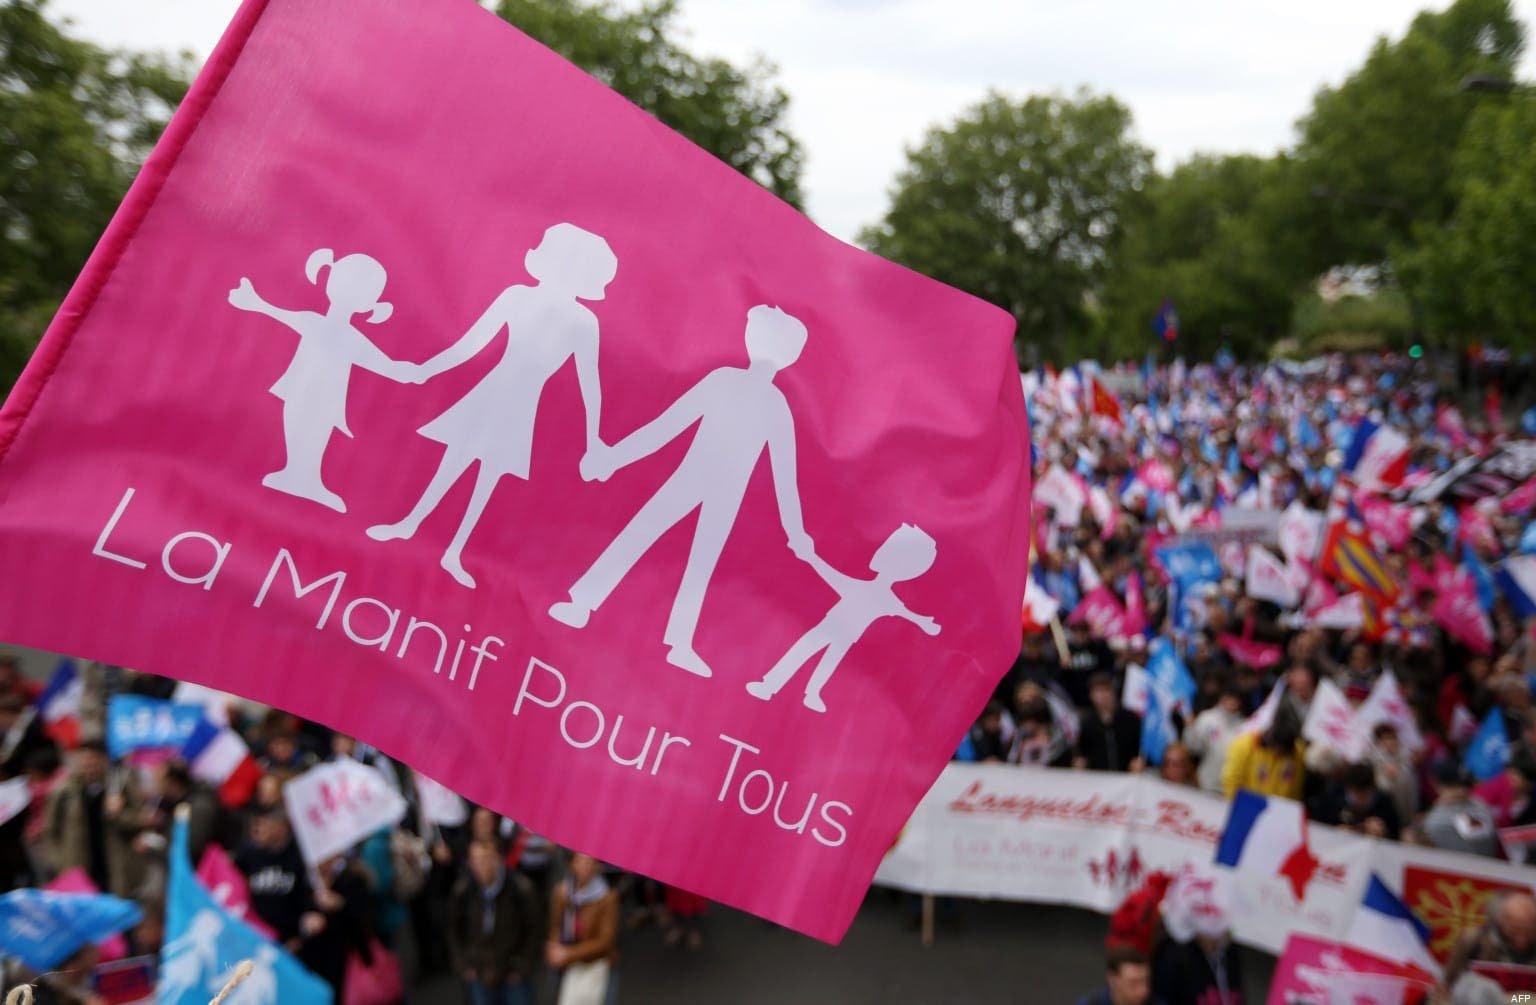 5 razones por las que no debería de haber una marcha de orgullo heterosexual